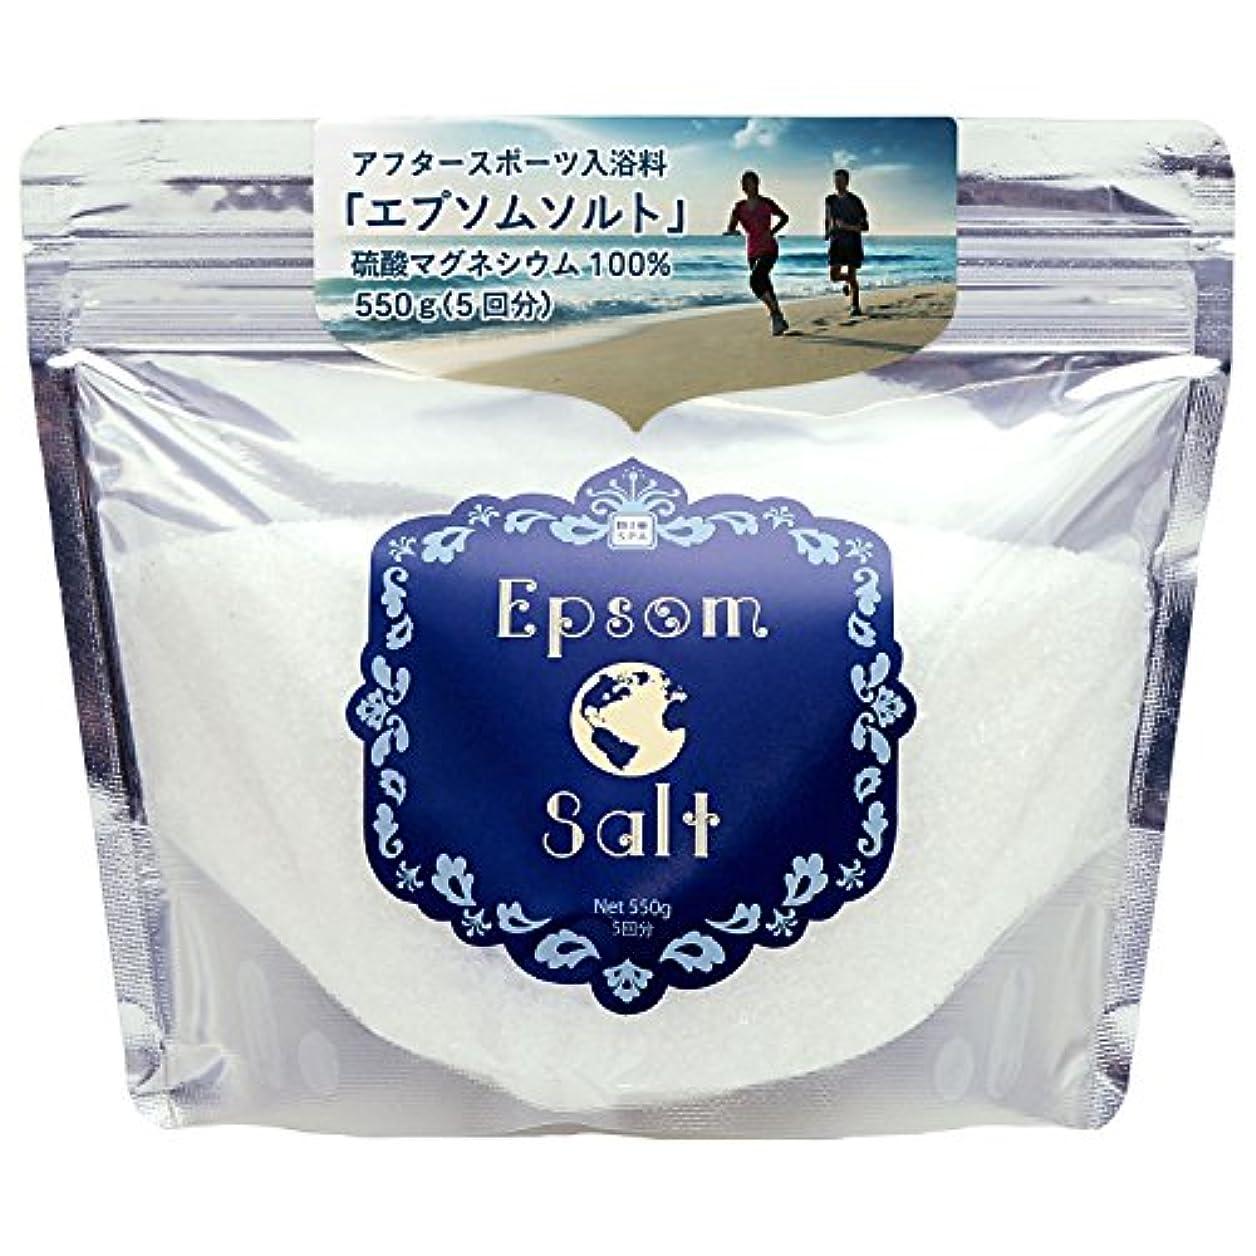 擬人化冷蔵庫解明するBIOSPA(ビオスパ) 入浴剤 エプソムソルト スポーツエディション 550g 約5回分 軽量スプーン付 EBS402